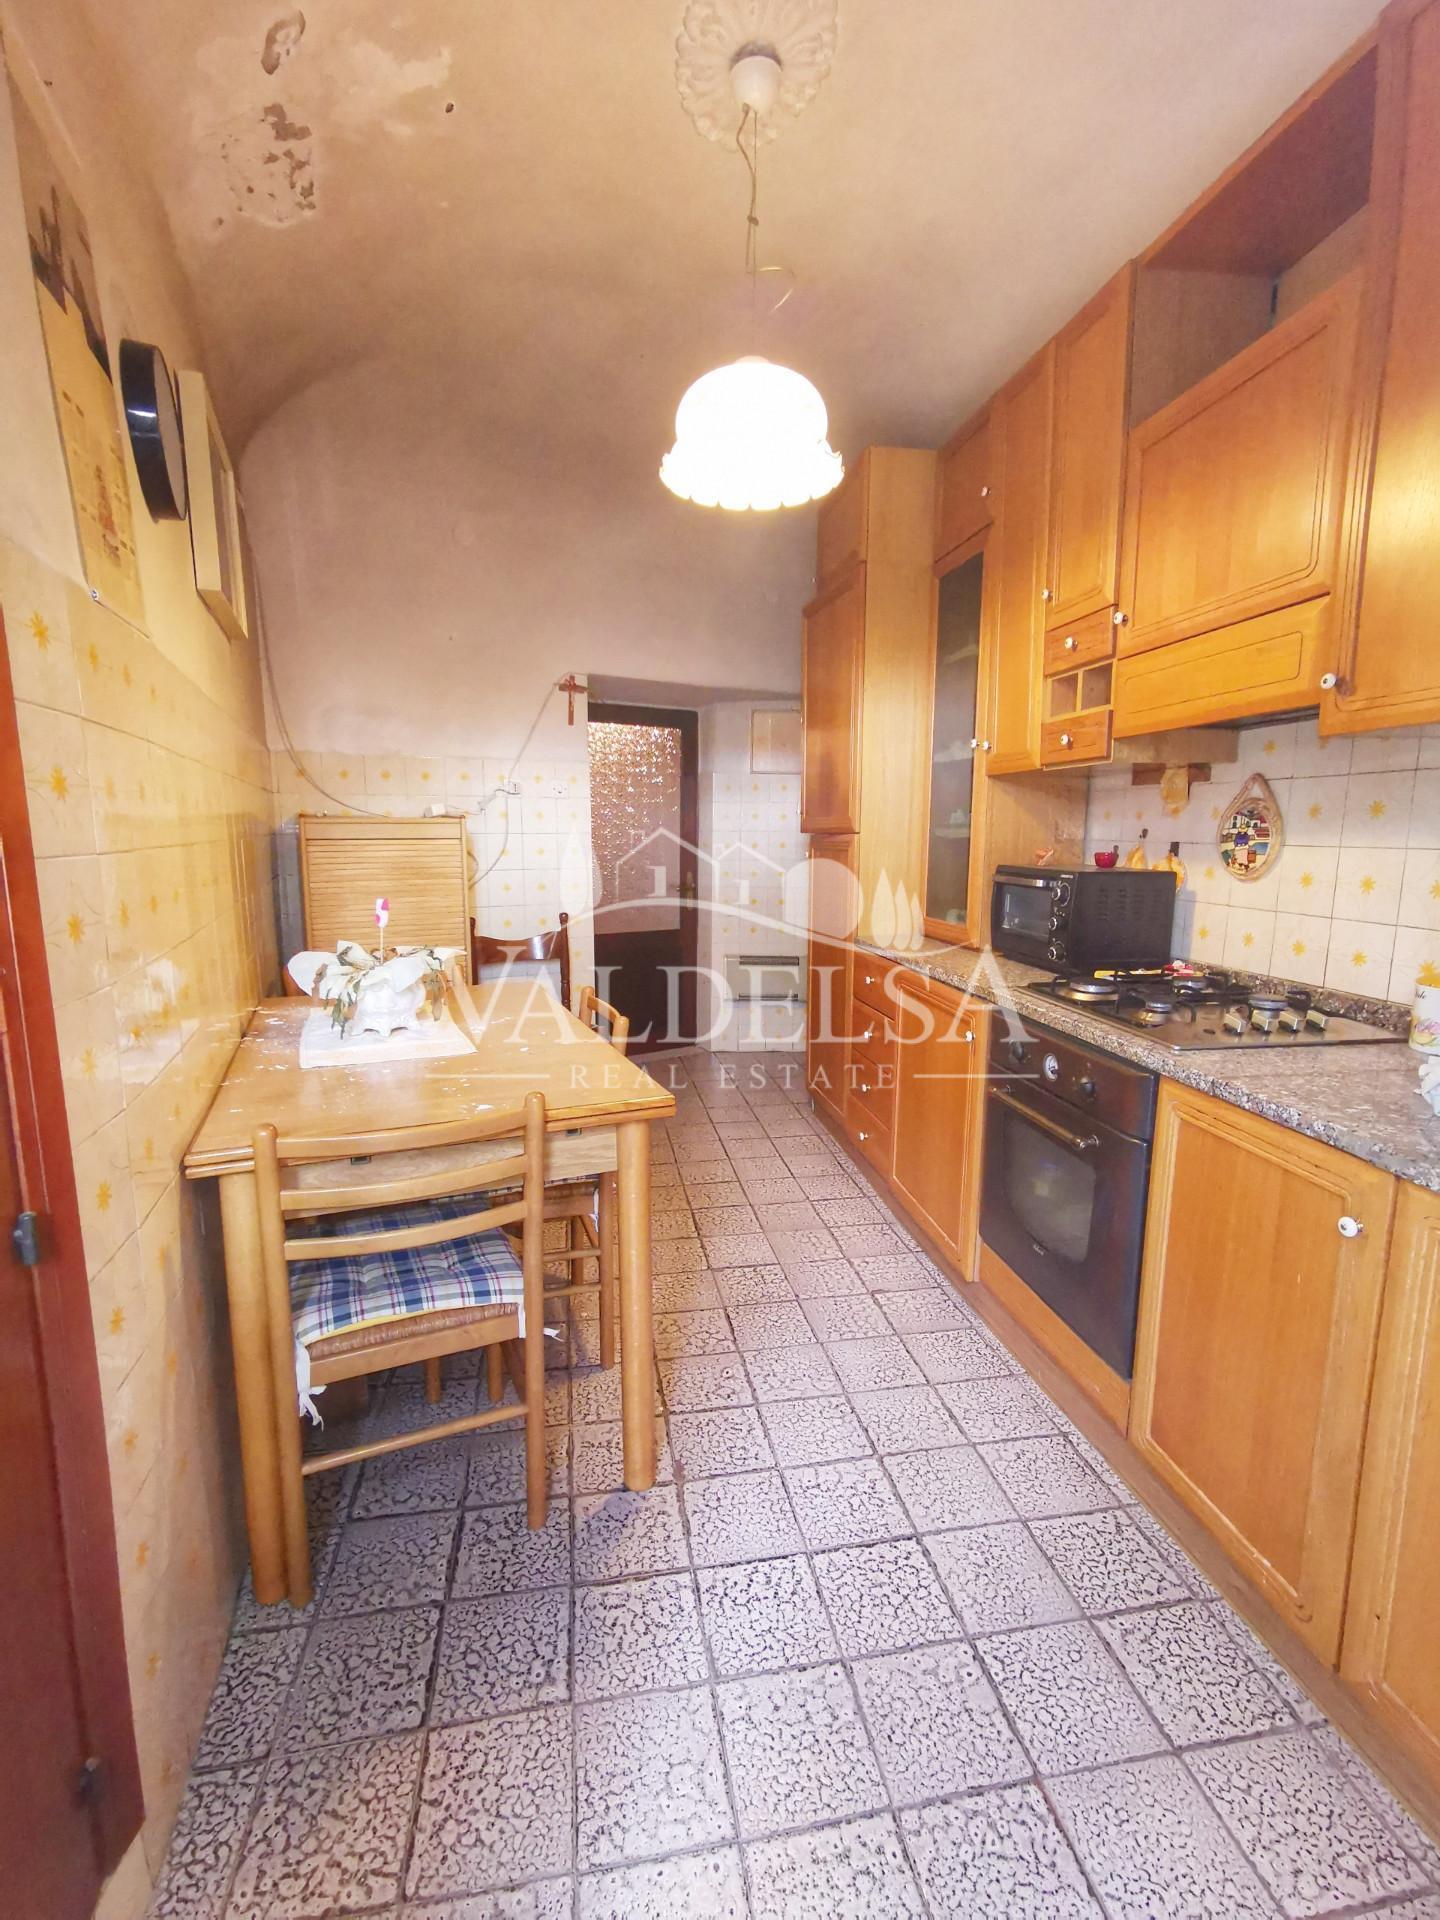 Appartamento in vendita, rif. 526